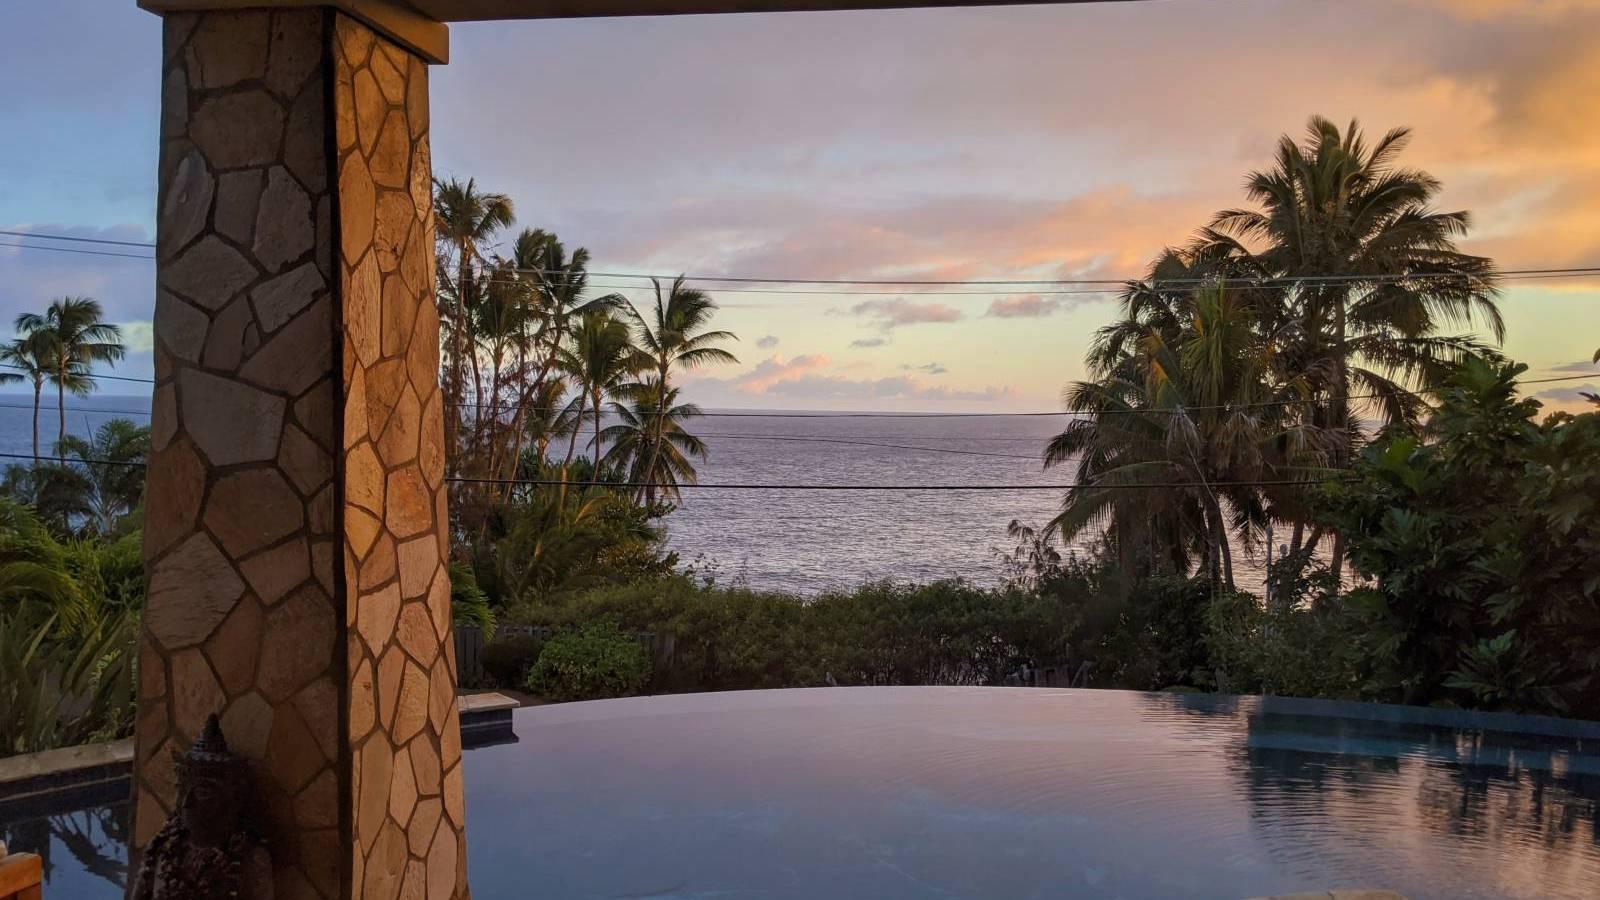 ocean view from pool on oahu